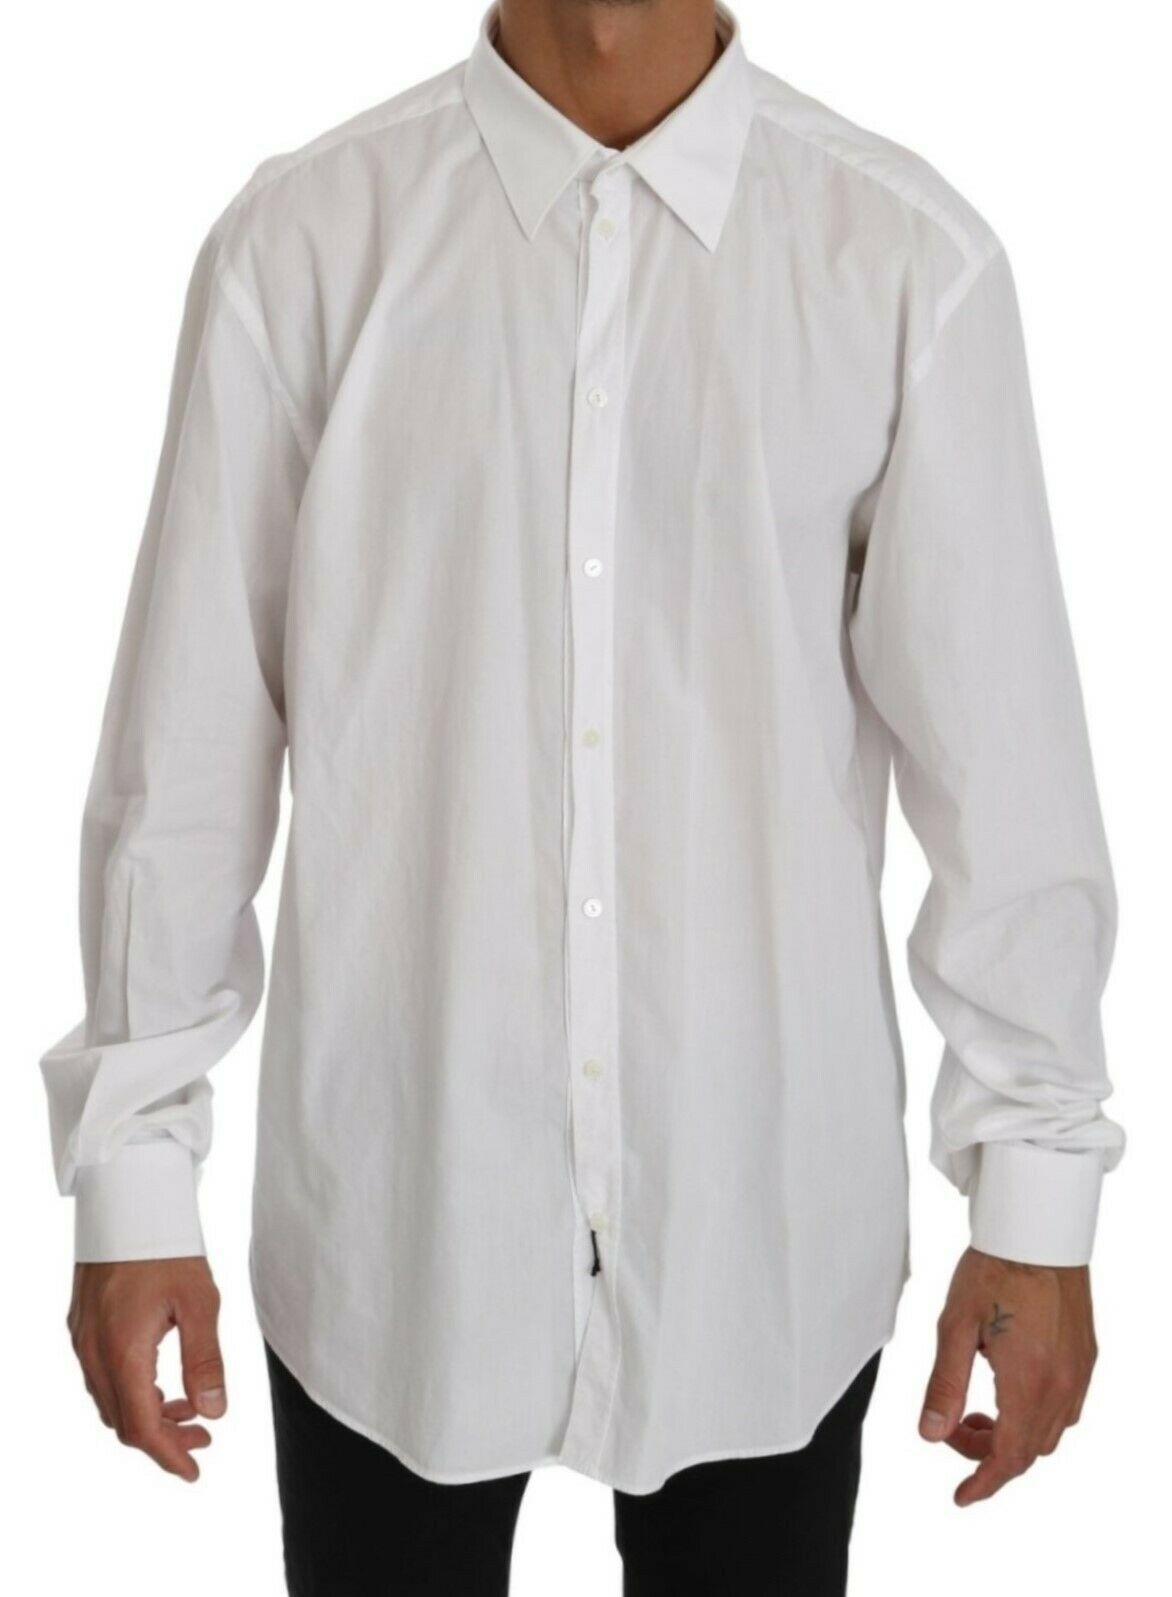 Dolce & Gabbana Men's Cotton Dress Formal Top Shirt White TSH4075 - 44 | 3XL